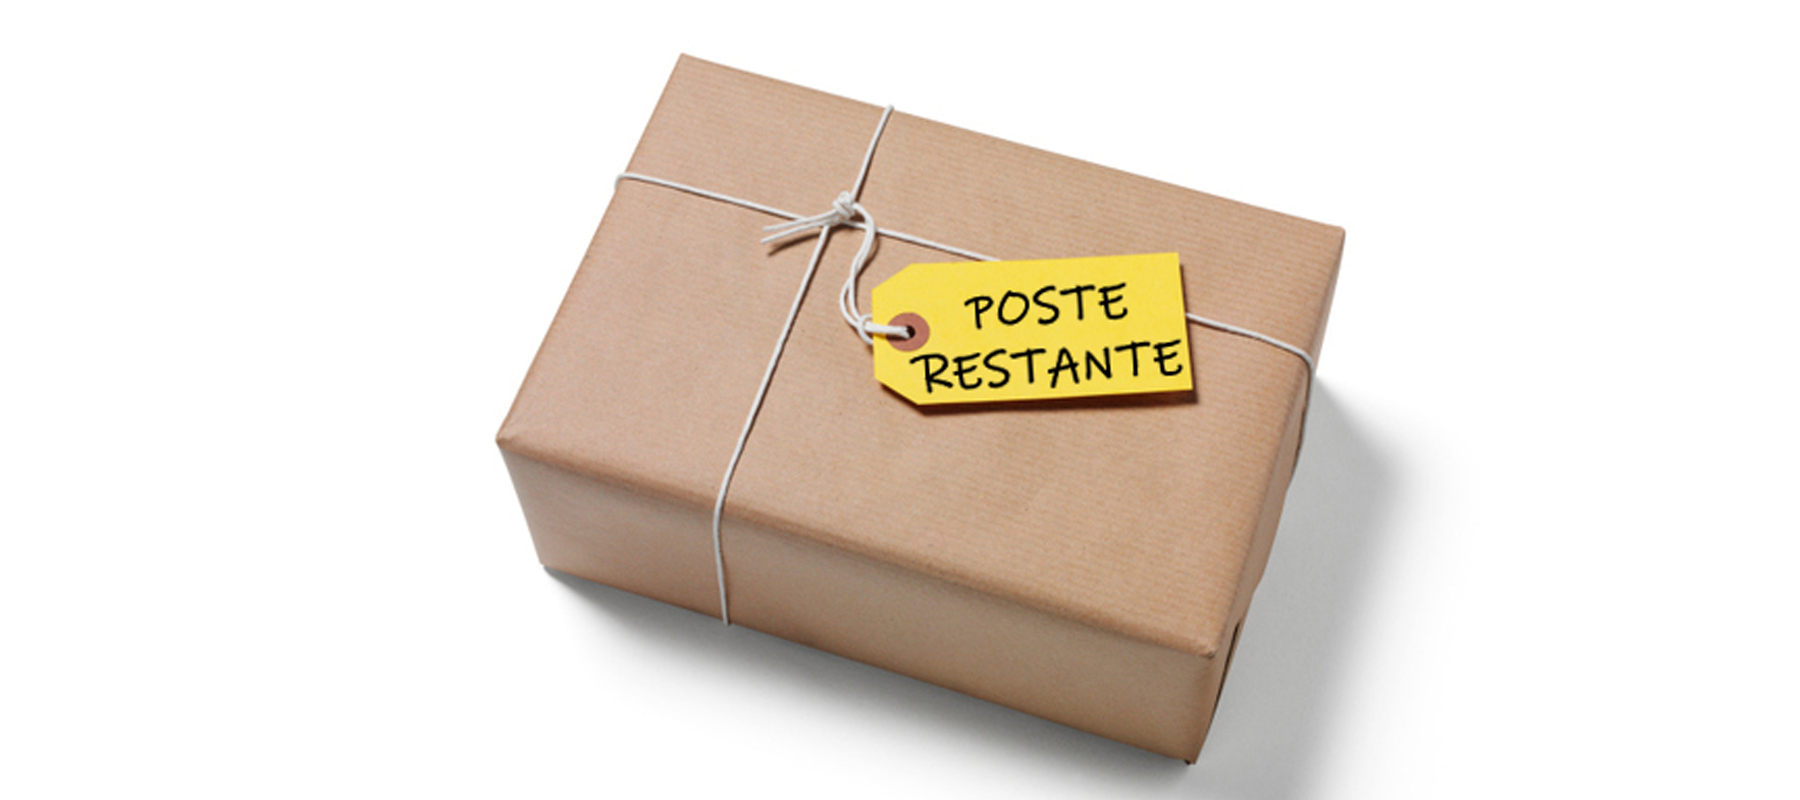 Comment recevoir du courrier en voyage? La poste restante.